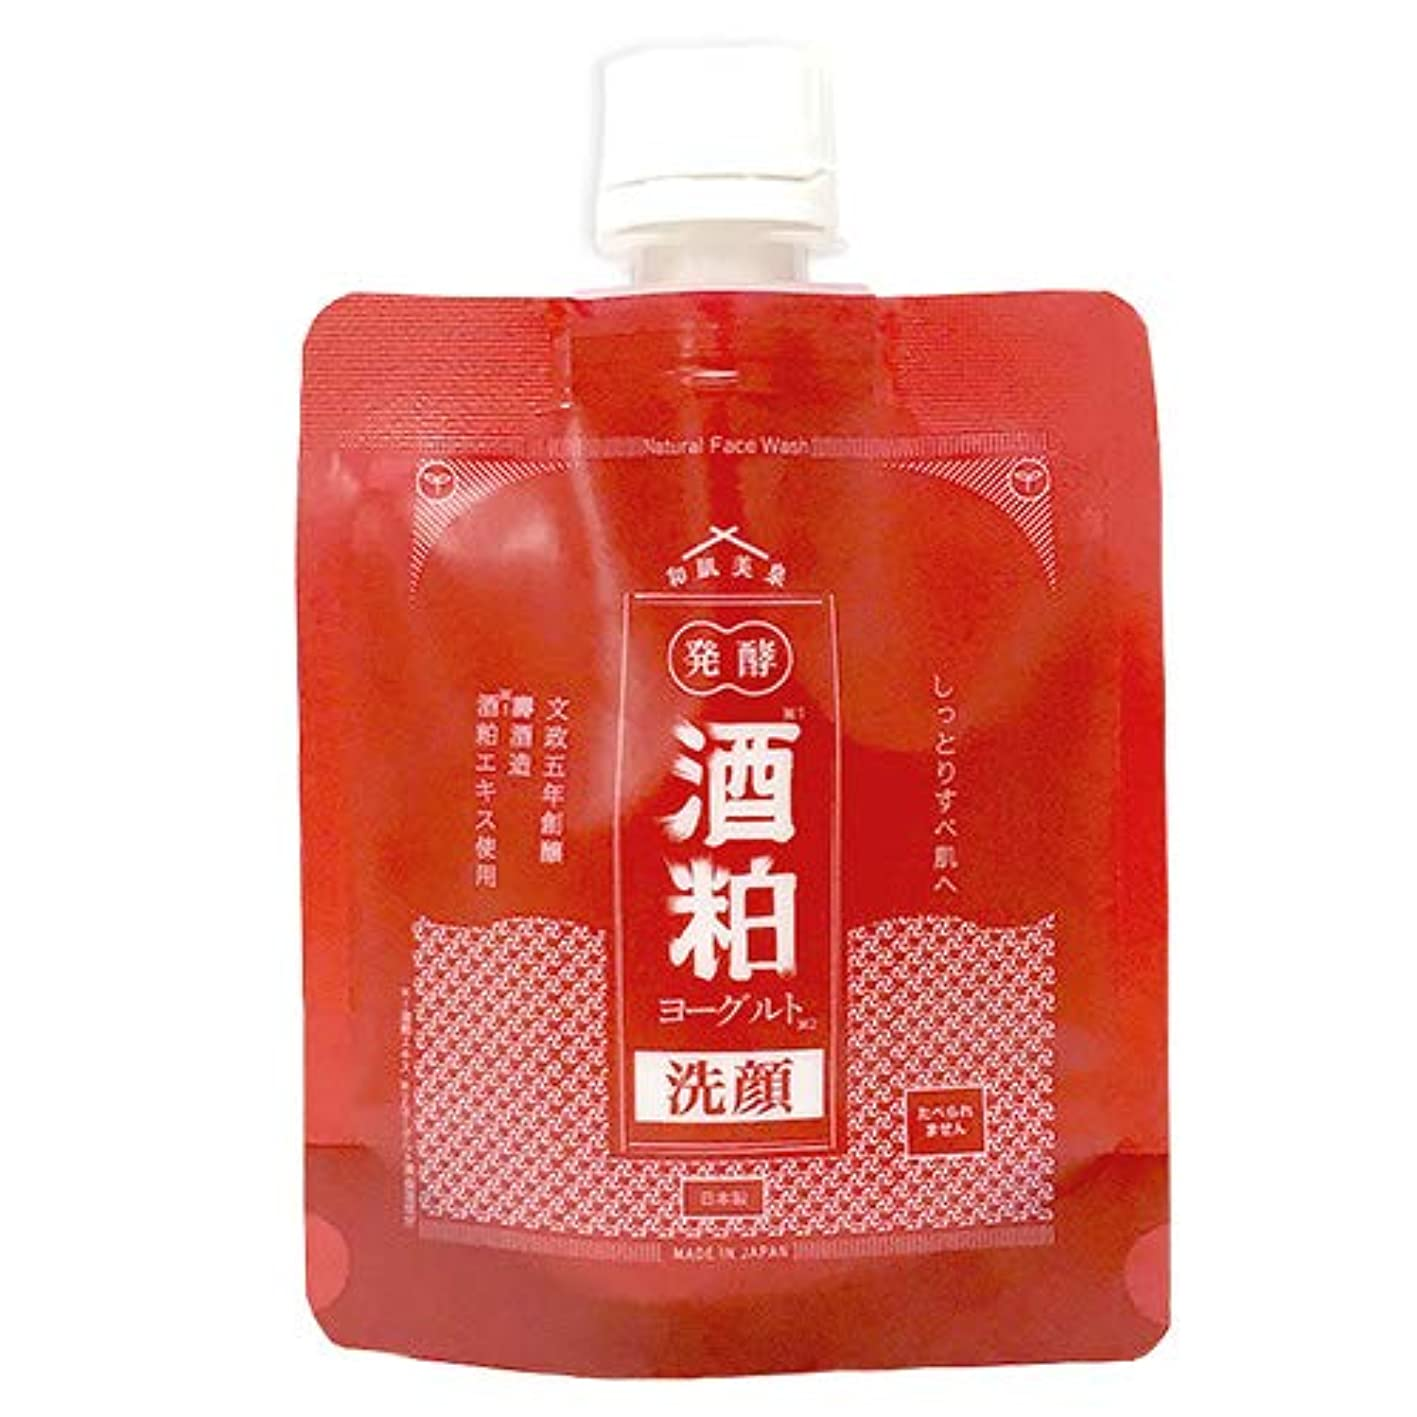 四半期結果として解明する和肌美泉 発酵•酒粕ヨーグルト洗顔 100g